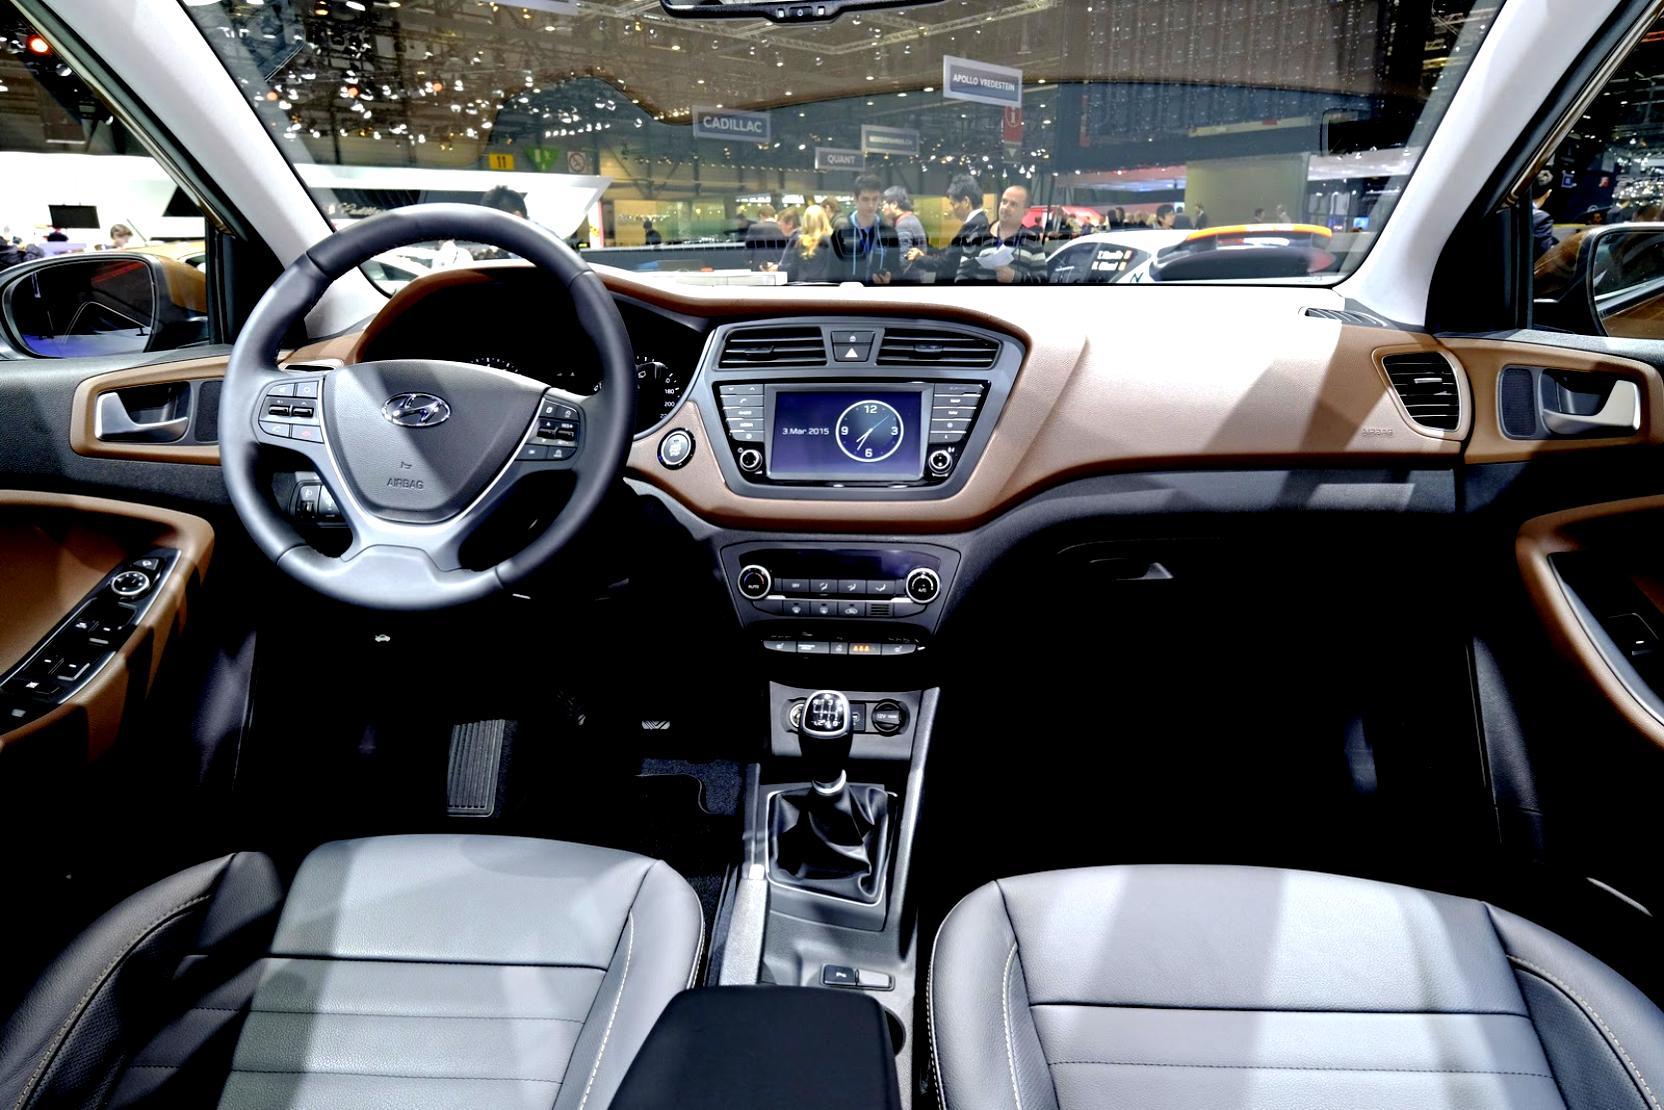 Hyundai I20 Coupe 2015 Photos 53 On Motoimg Com